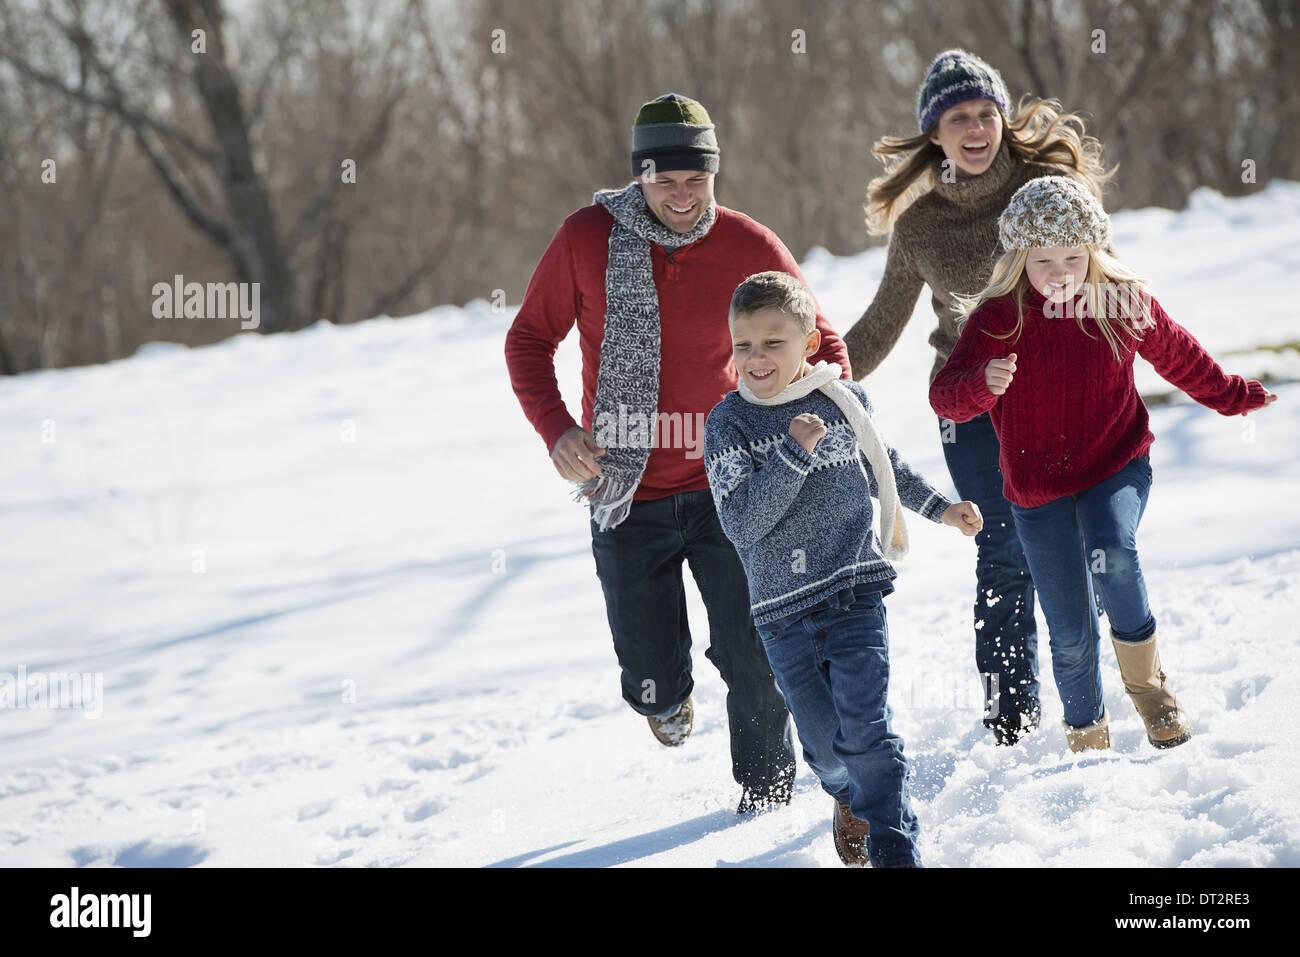 Paesaggio invernale con neve sul terreno famiglia a piedi due adulti a caccia di due bambini Immagini Stock